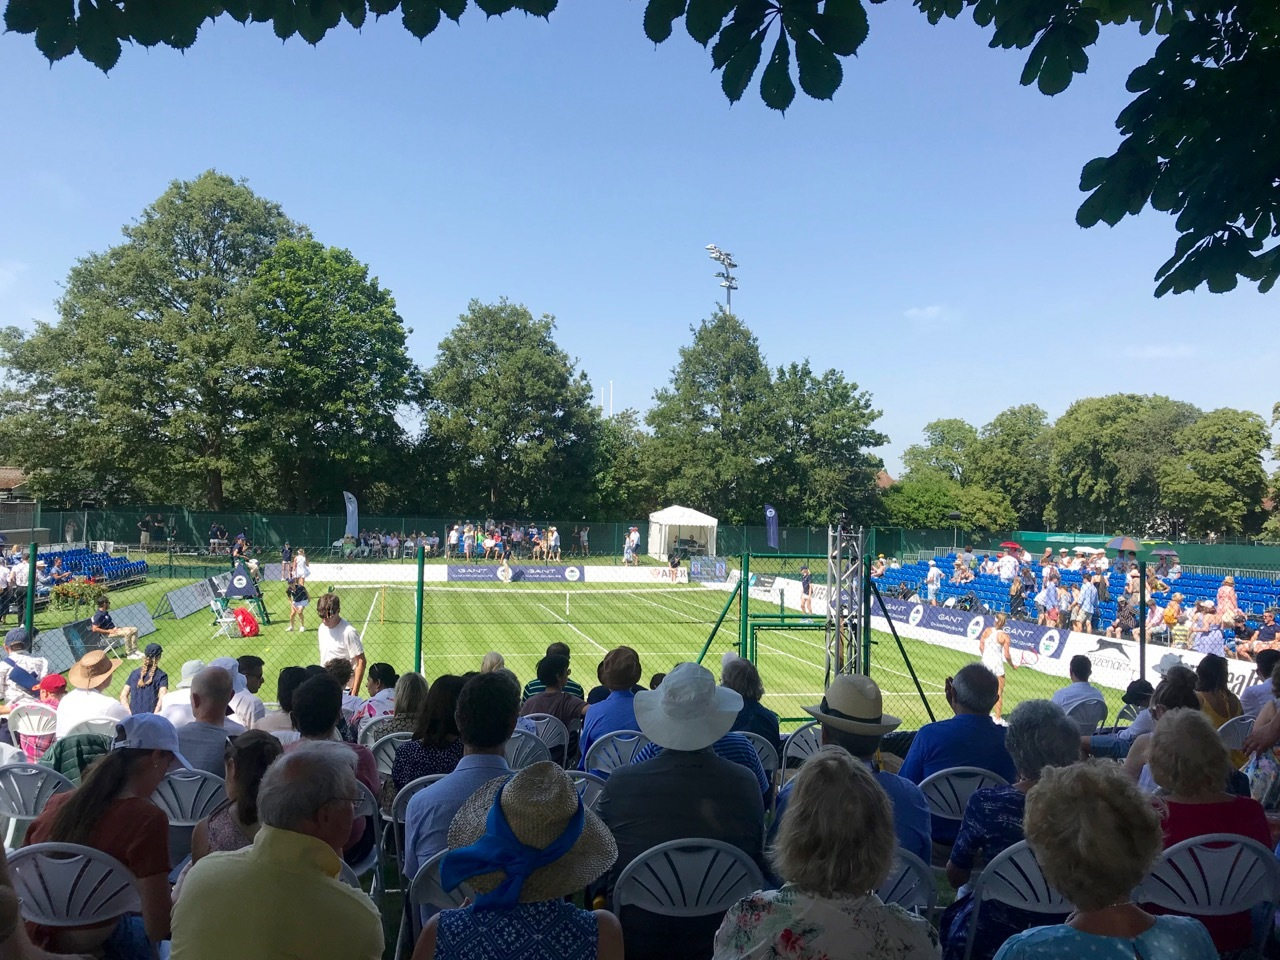 ウィンブルドンの前哨戦、ガント・チャンピオンシップでのどかにテニス観戦_e0114020_05035668.jpg